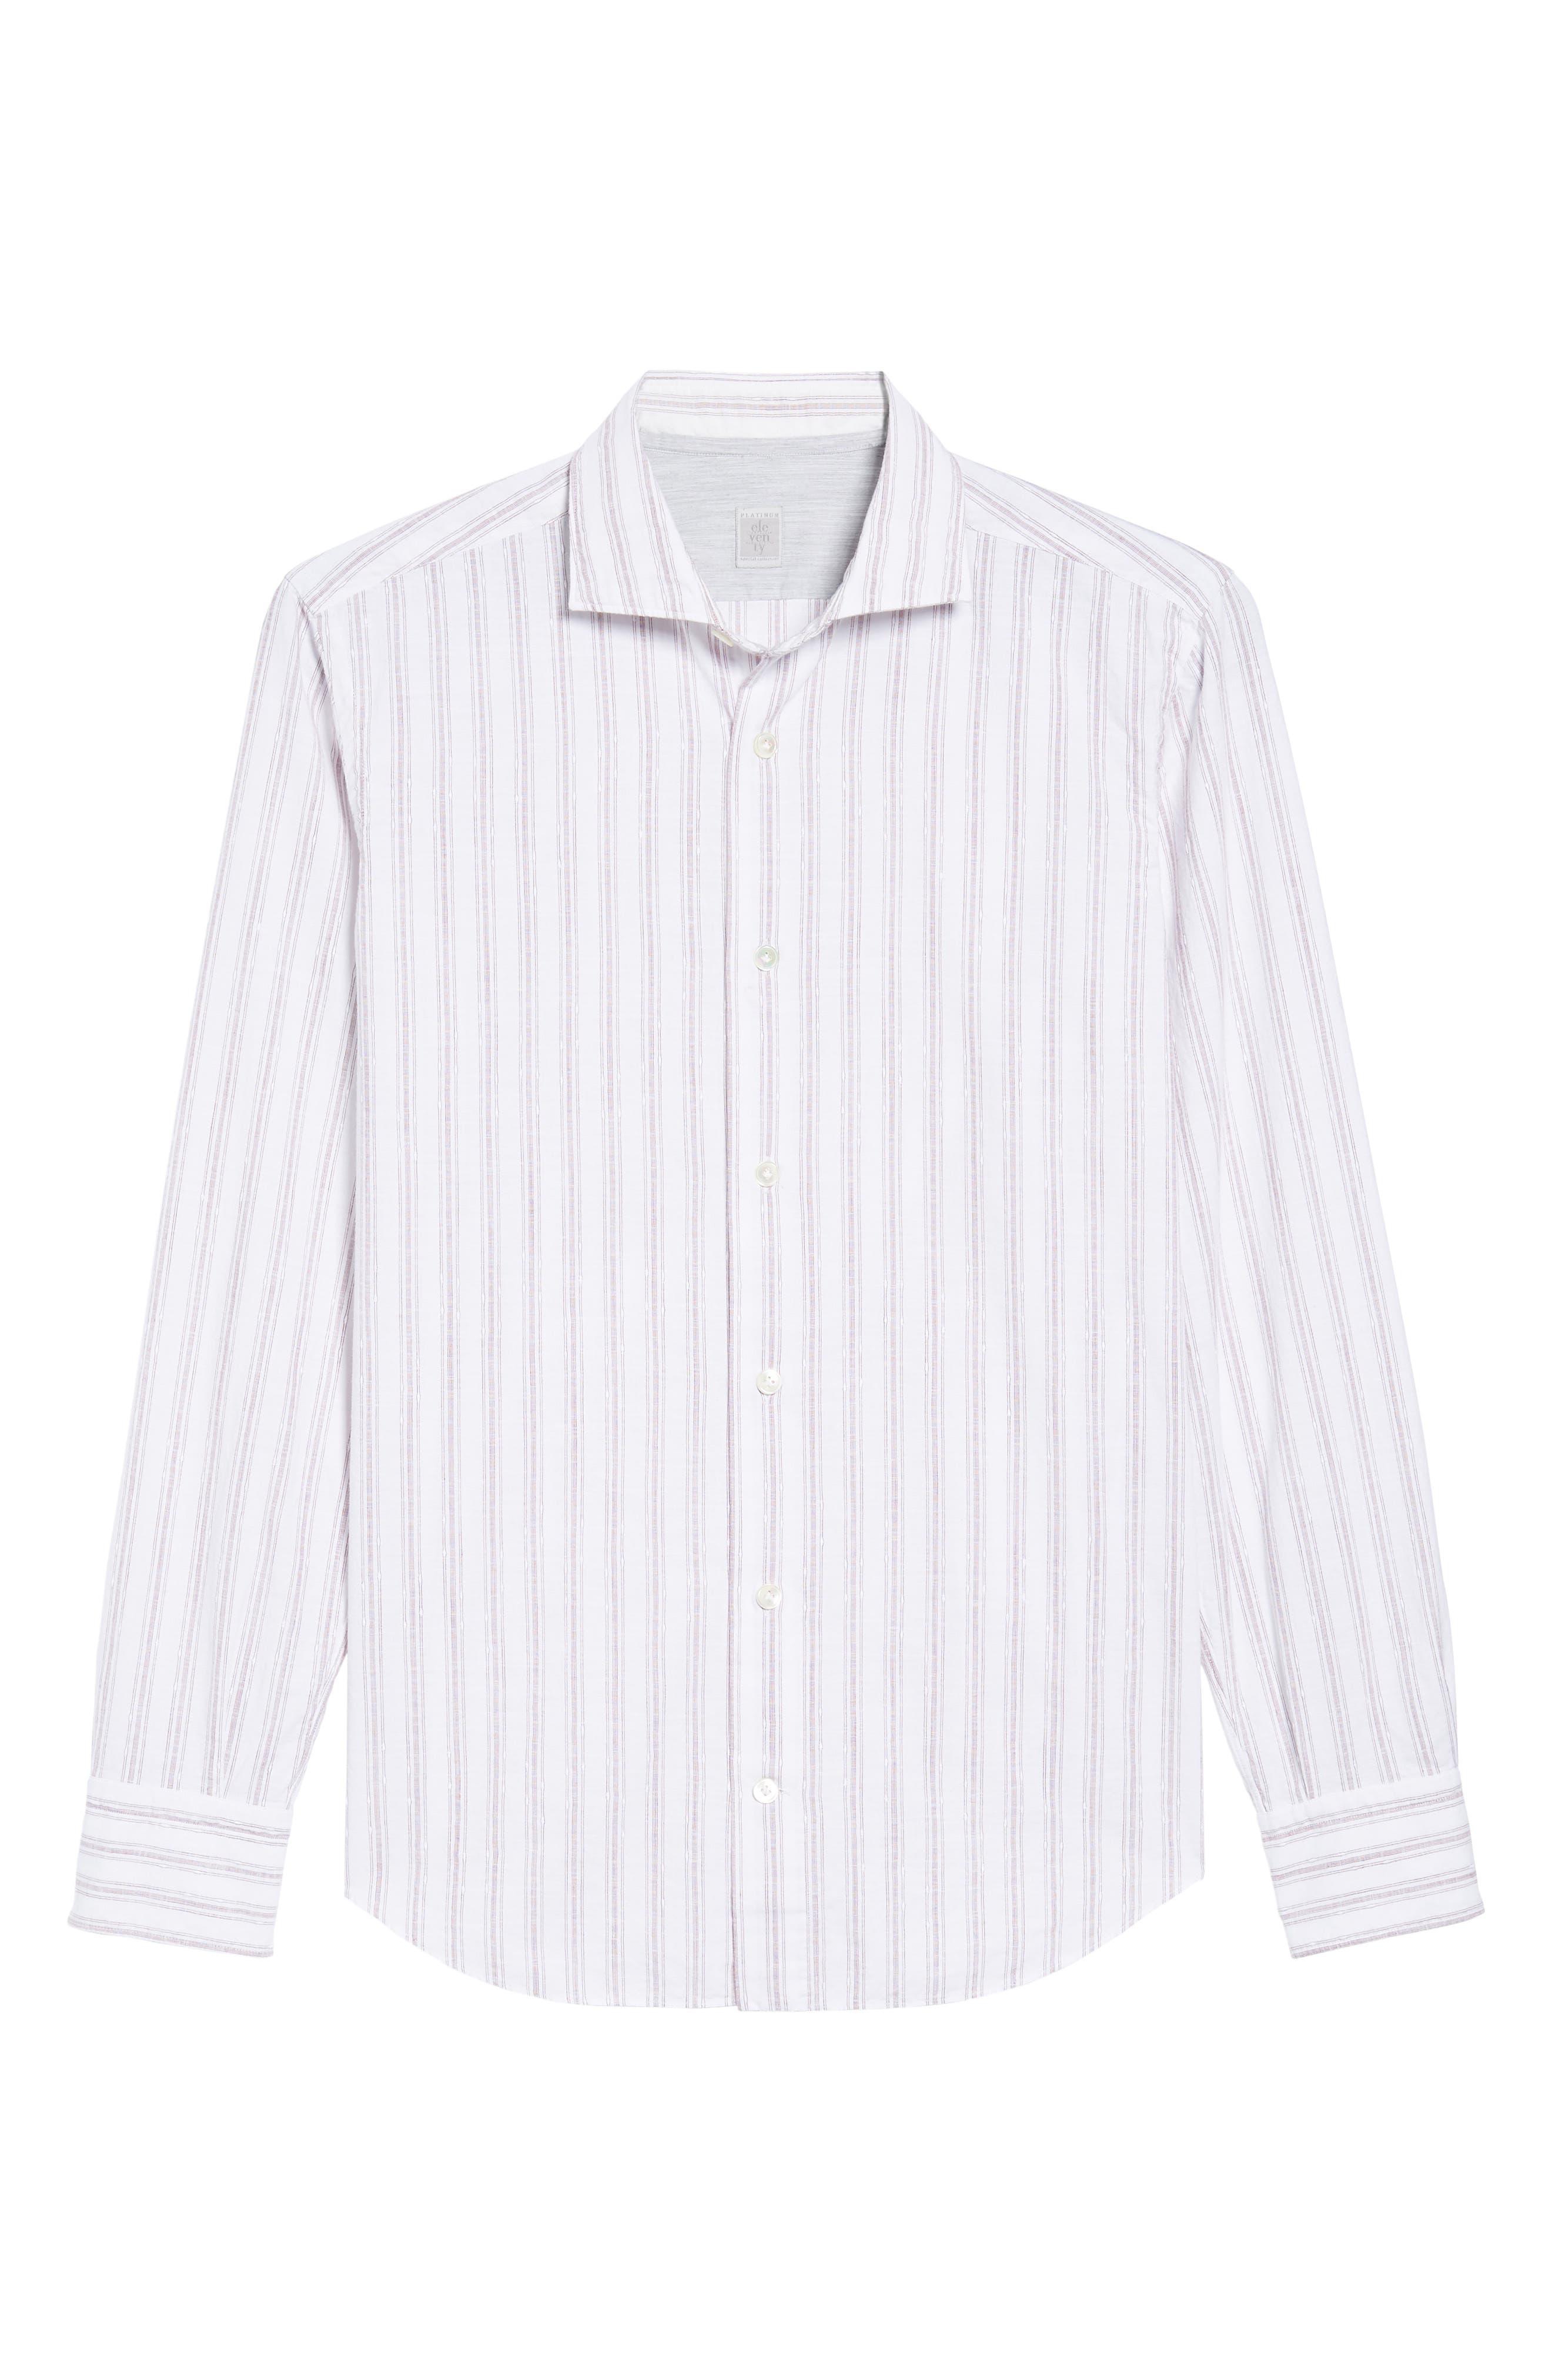 John T Slim Fit Sport Shirt,                             Alternate thumbnail 6, color,                             Blue/ Nat